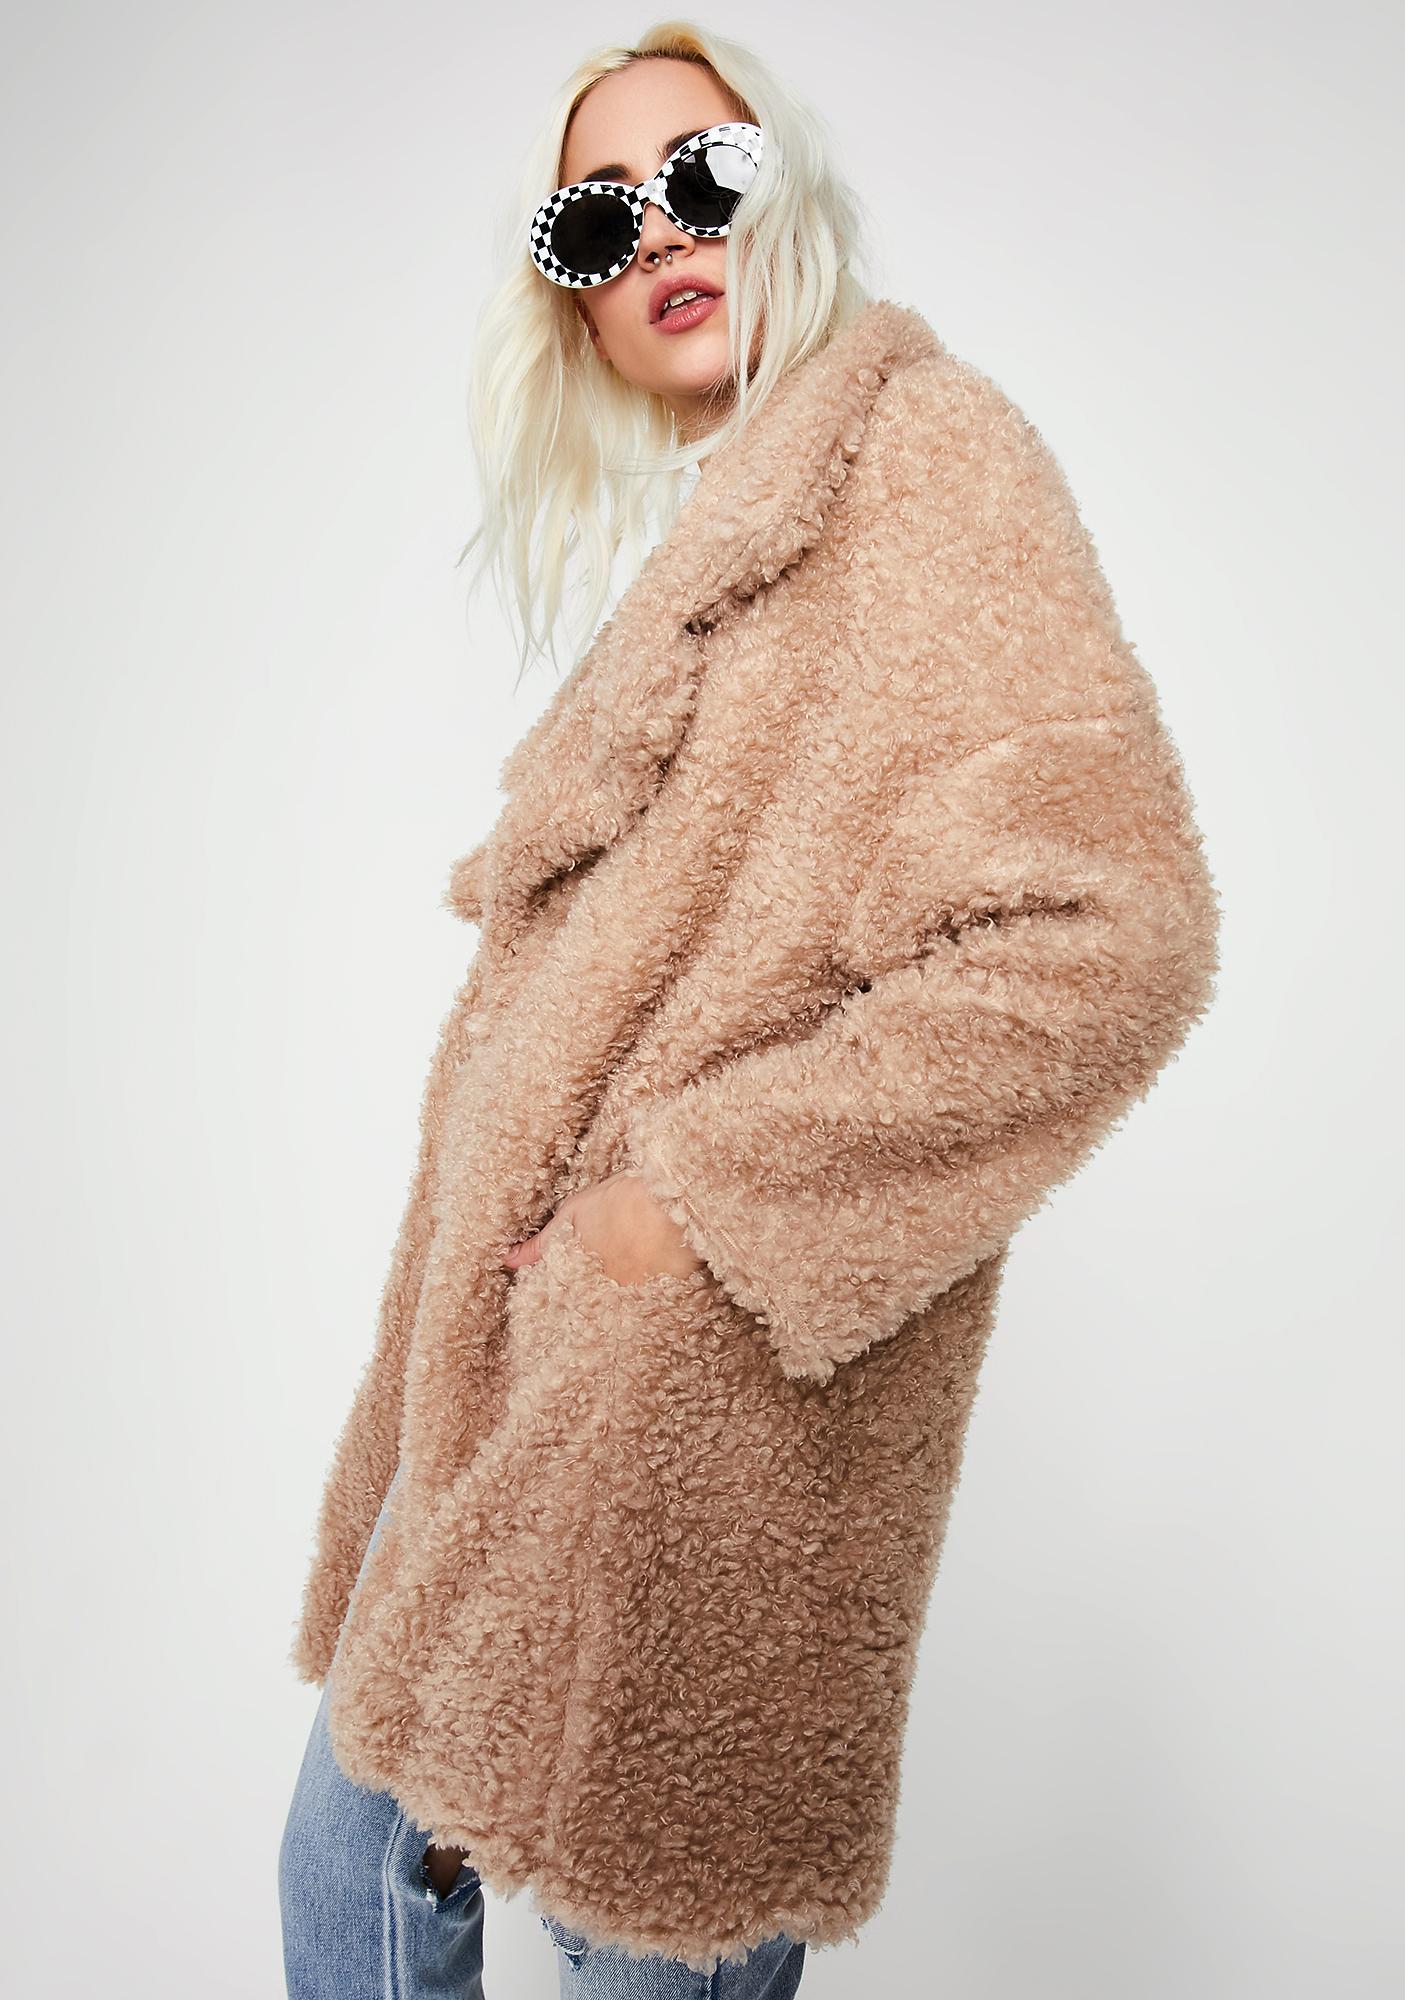 Nude Petty Yeti Fuzzy Coat